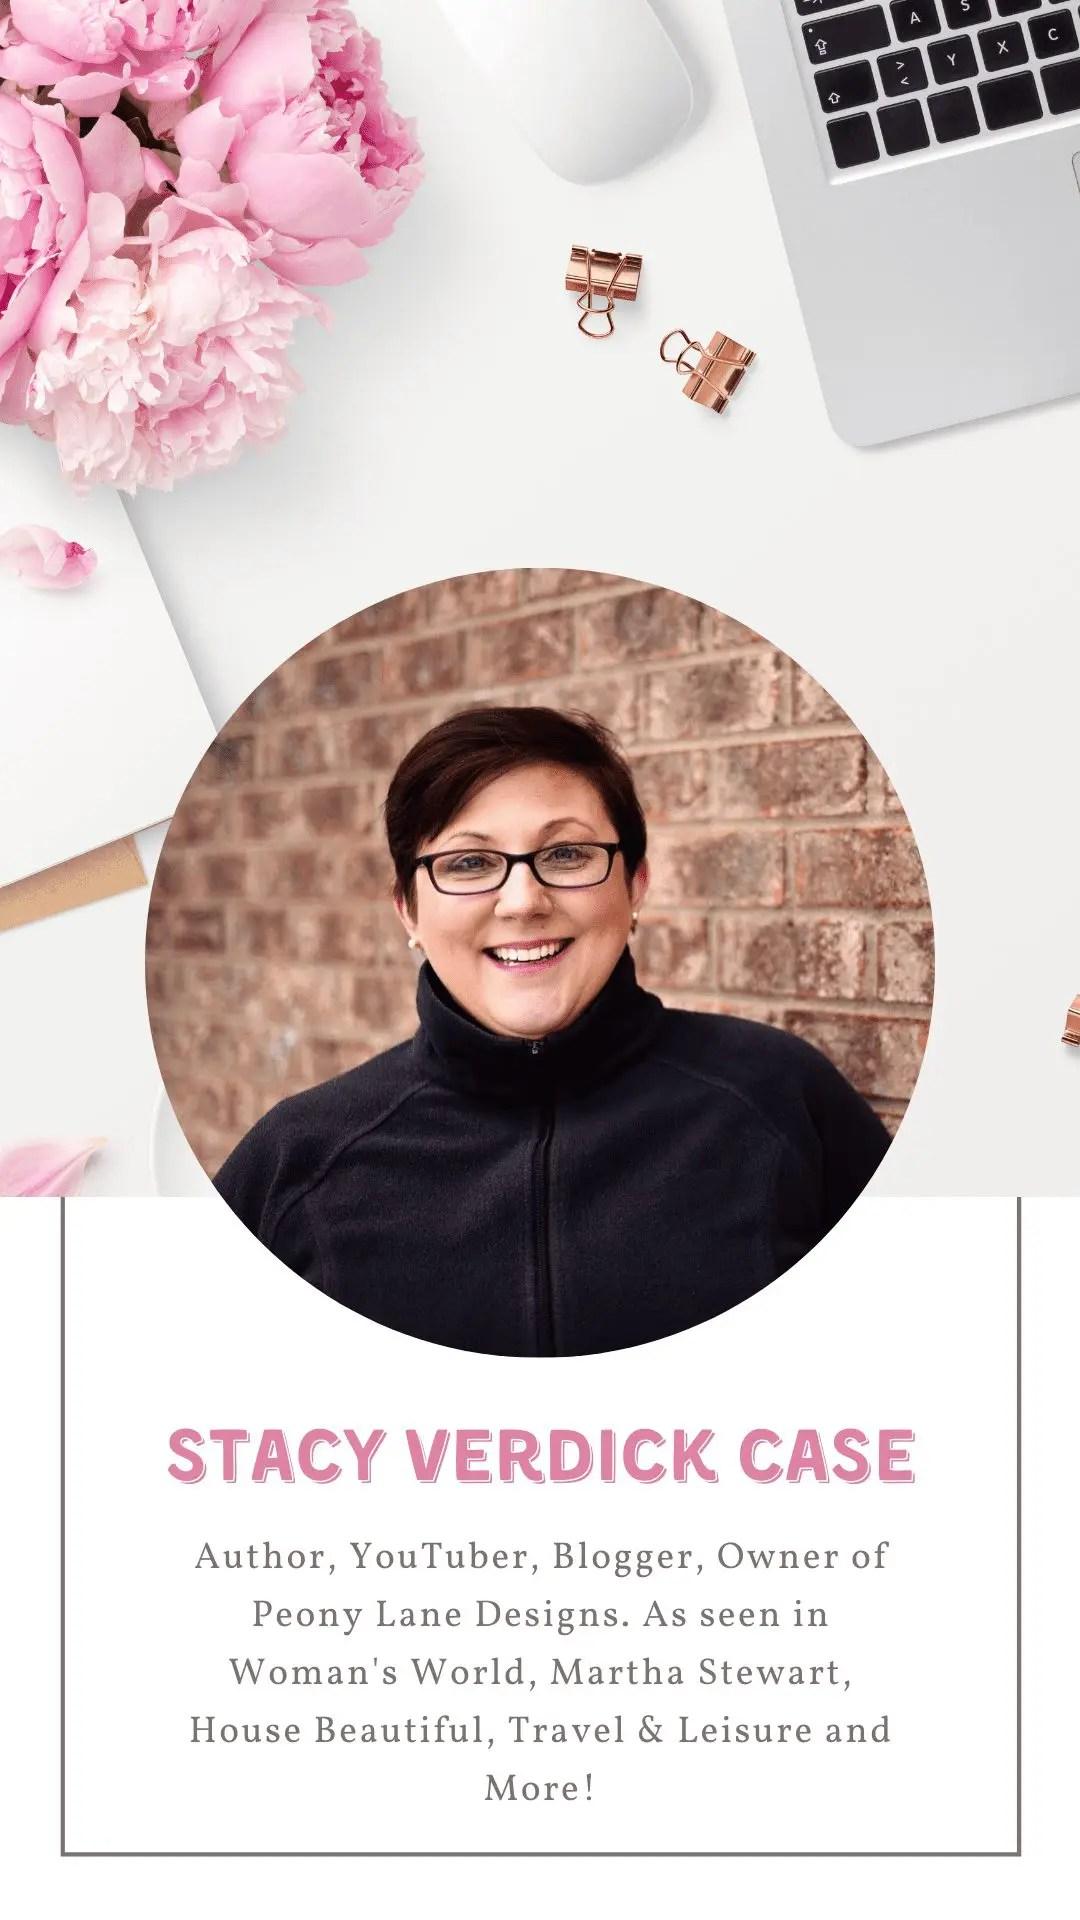 Stacy Verdick Case Author Profile Photo